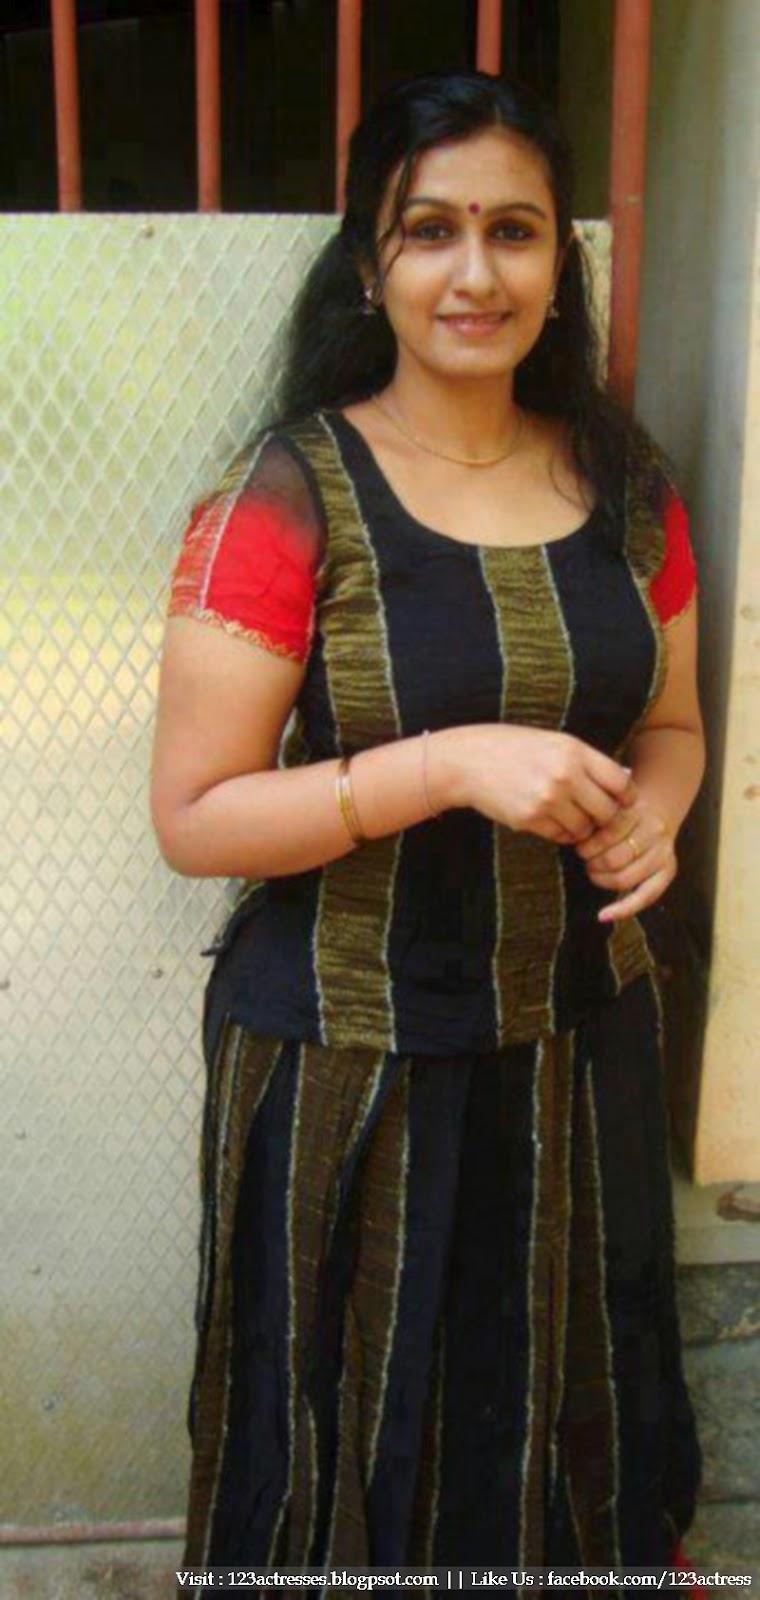 760 x 1600 jpeg 123kB, Image Mallu Actress Photos Wallpapers Pics News ...